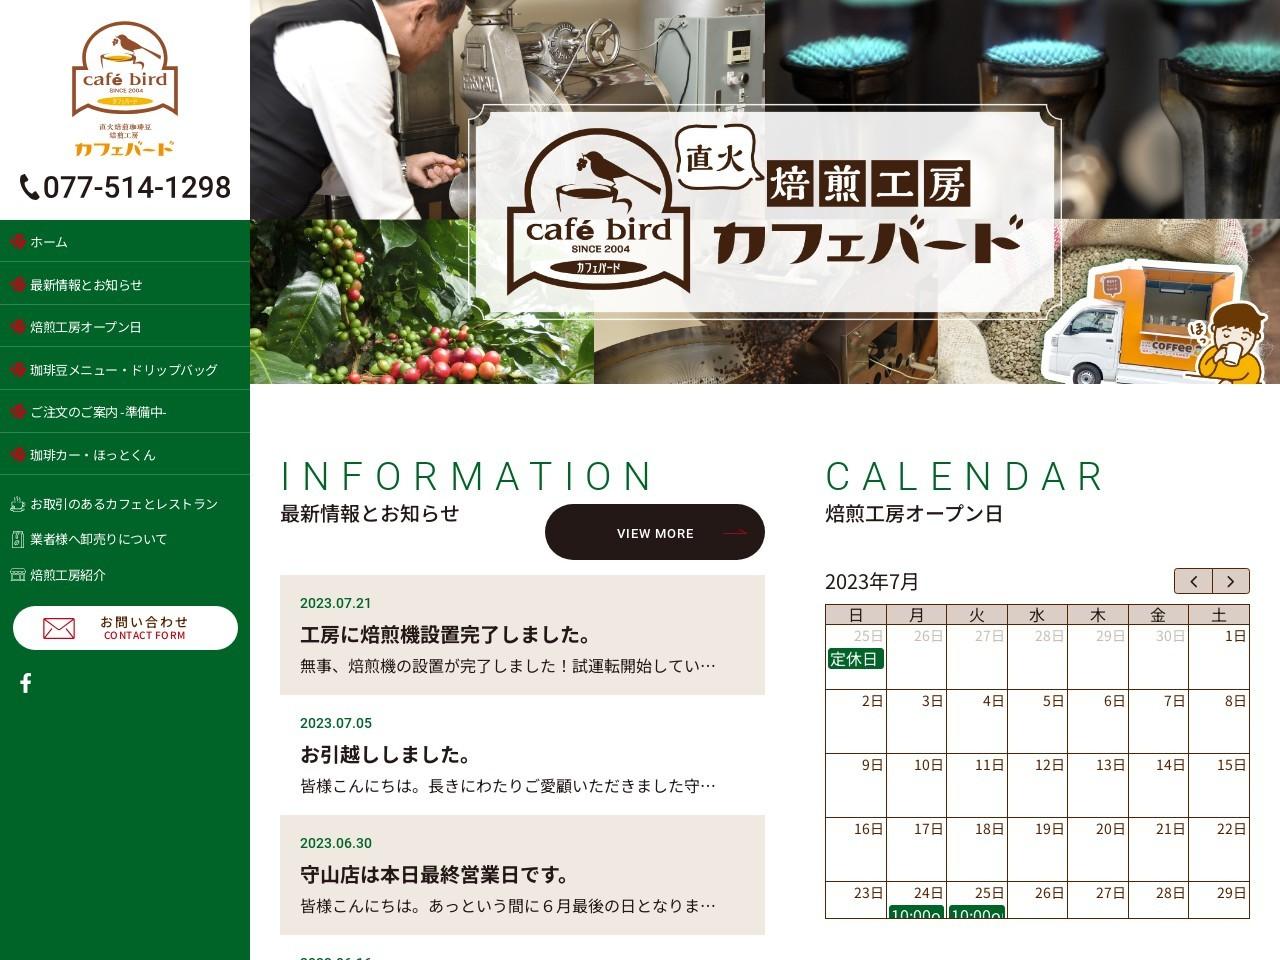 カフェバード | コーヒー豆 販売 直火 焙煎 | 滋賀県 守山市